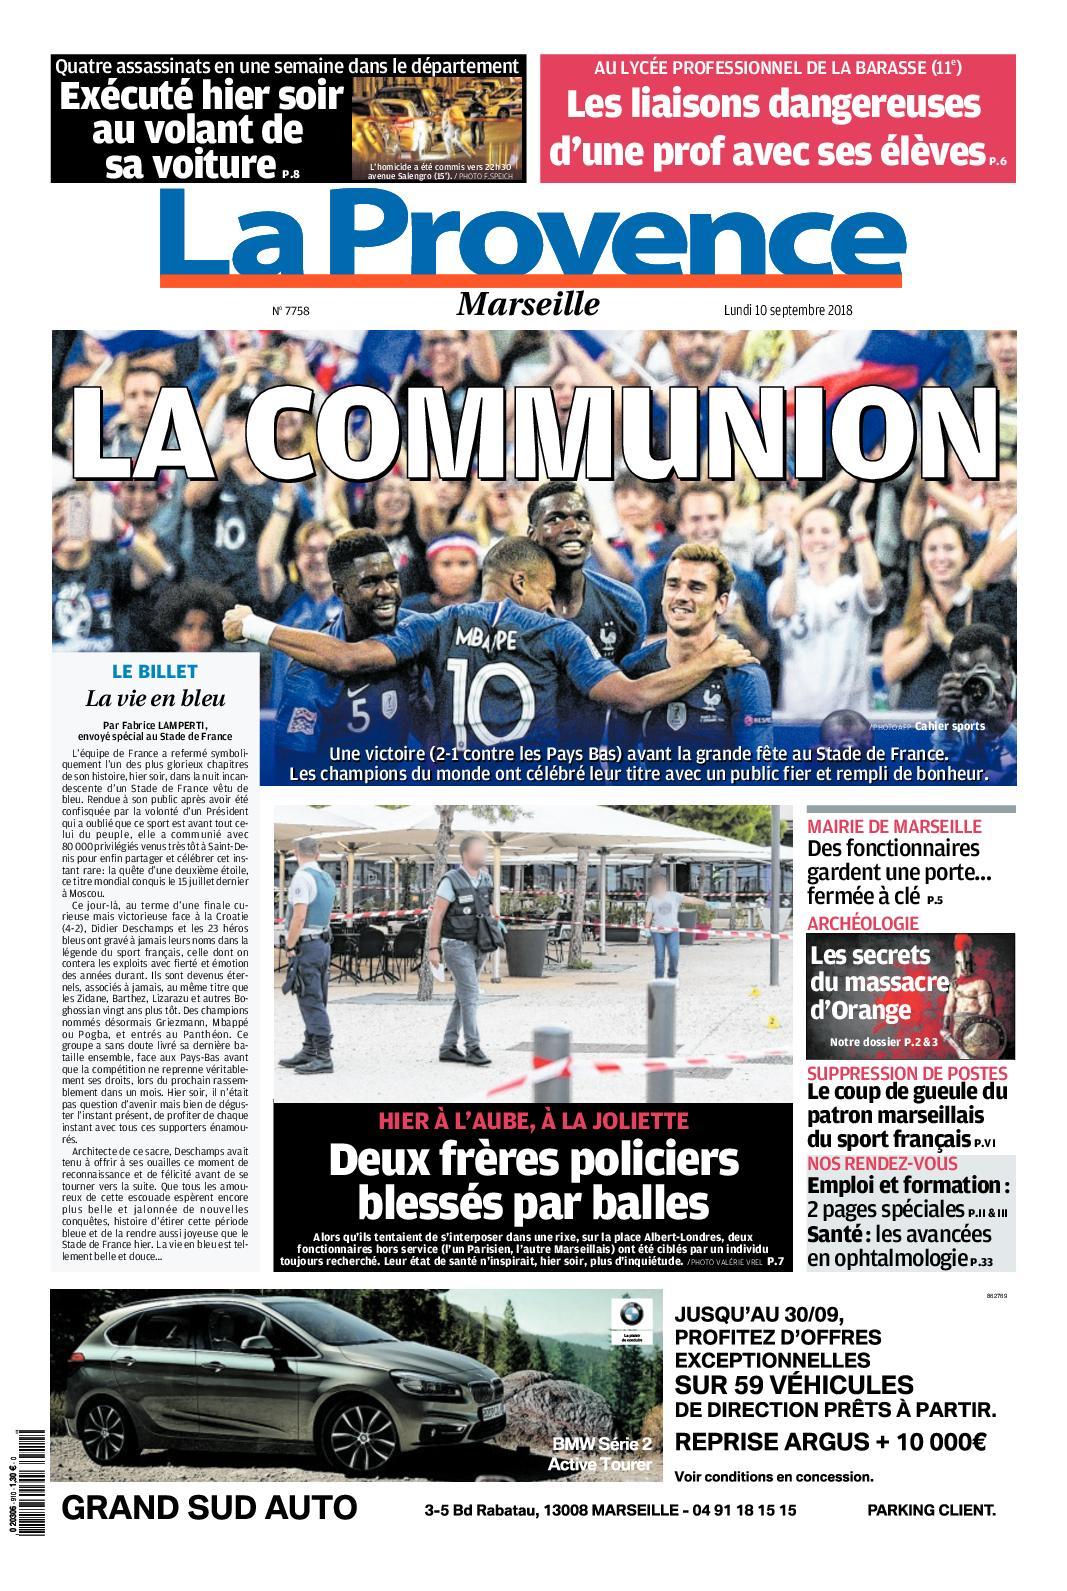 bcde6be48d05c Calaméo - La Provence Edition De Marseille 10 09 2018